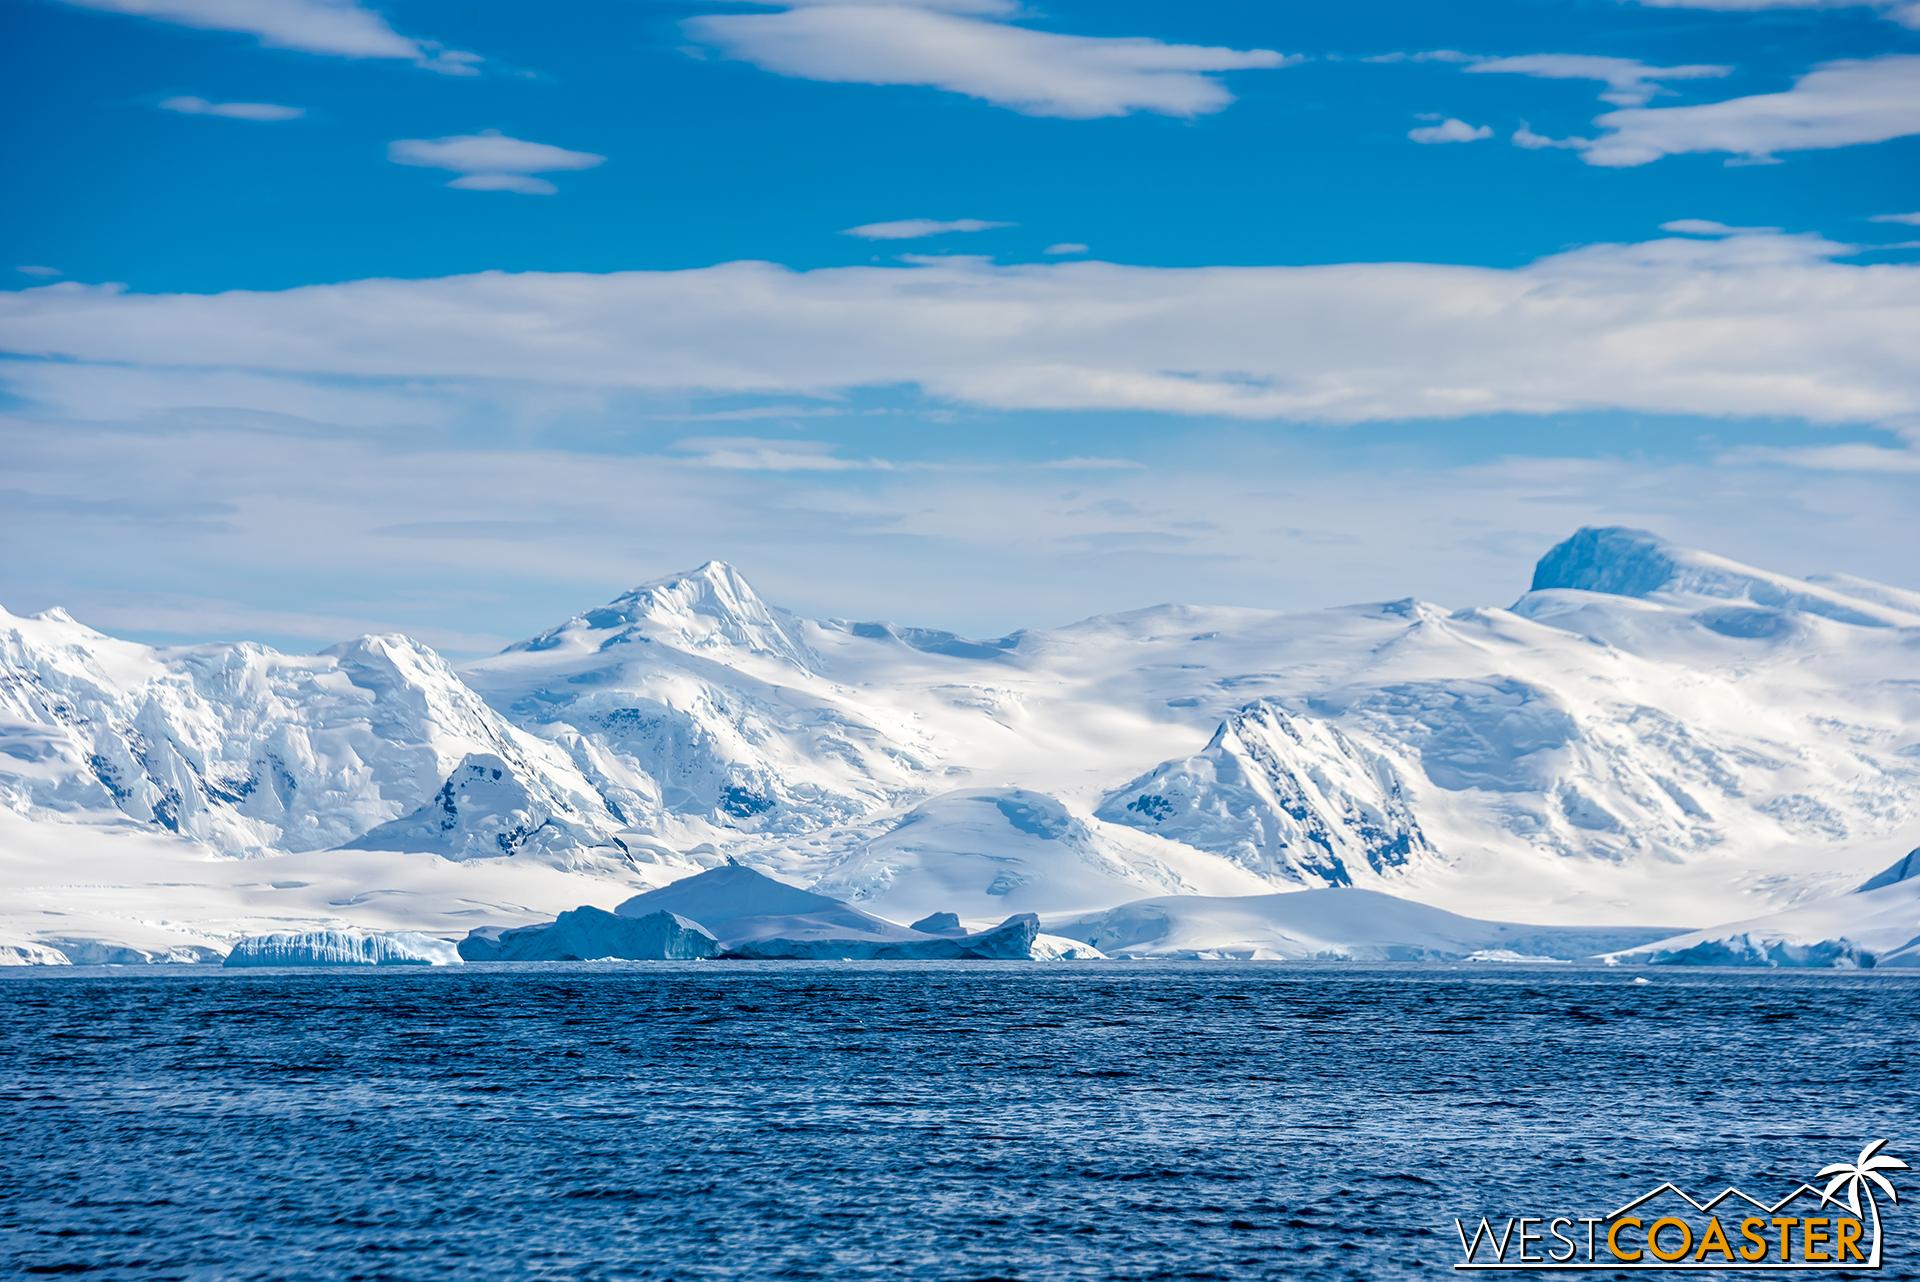 Antarctica-18_0726-0005.jpg